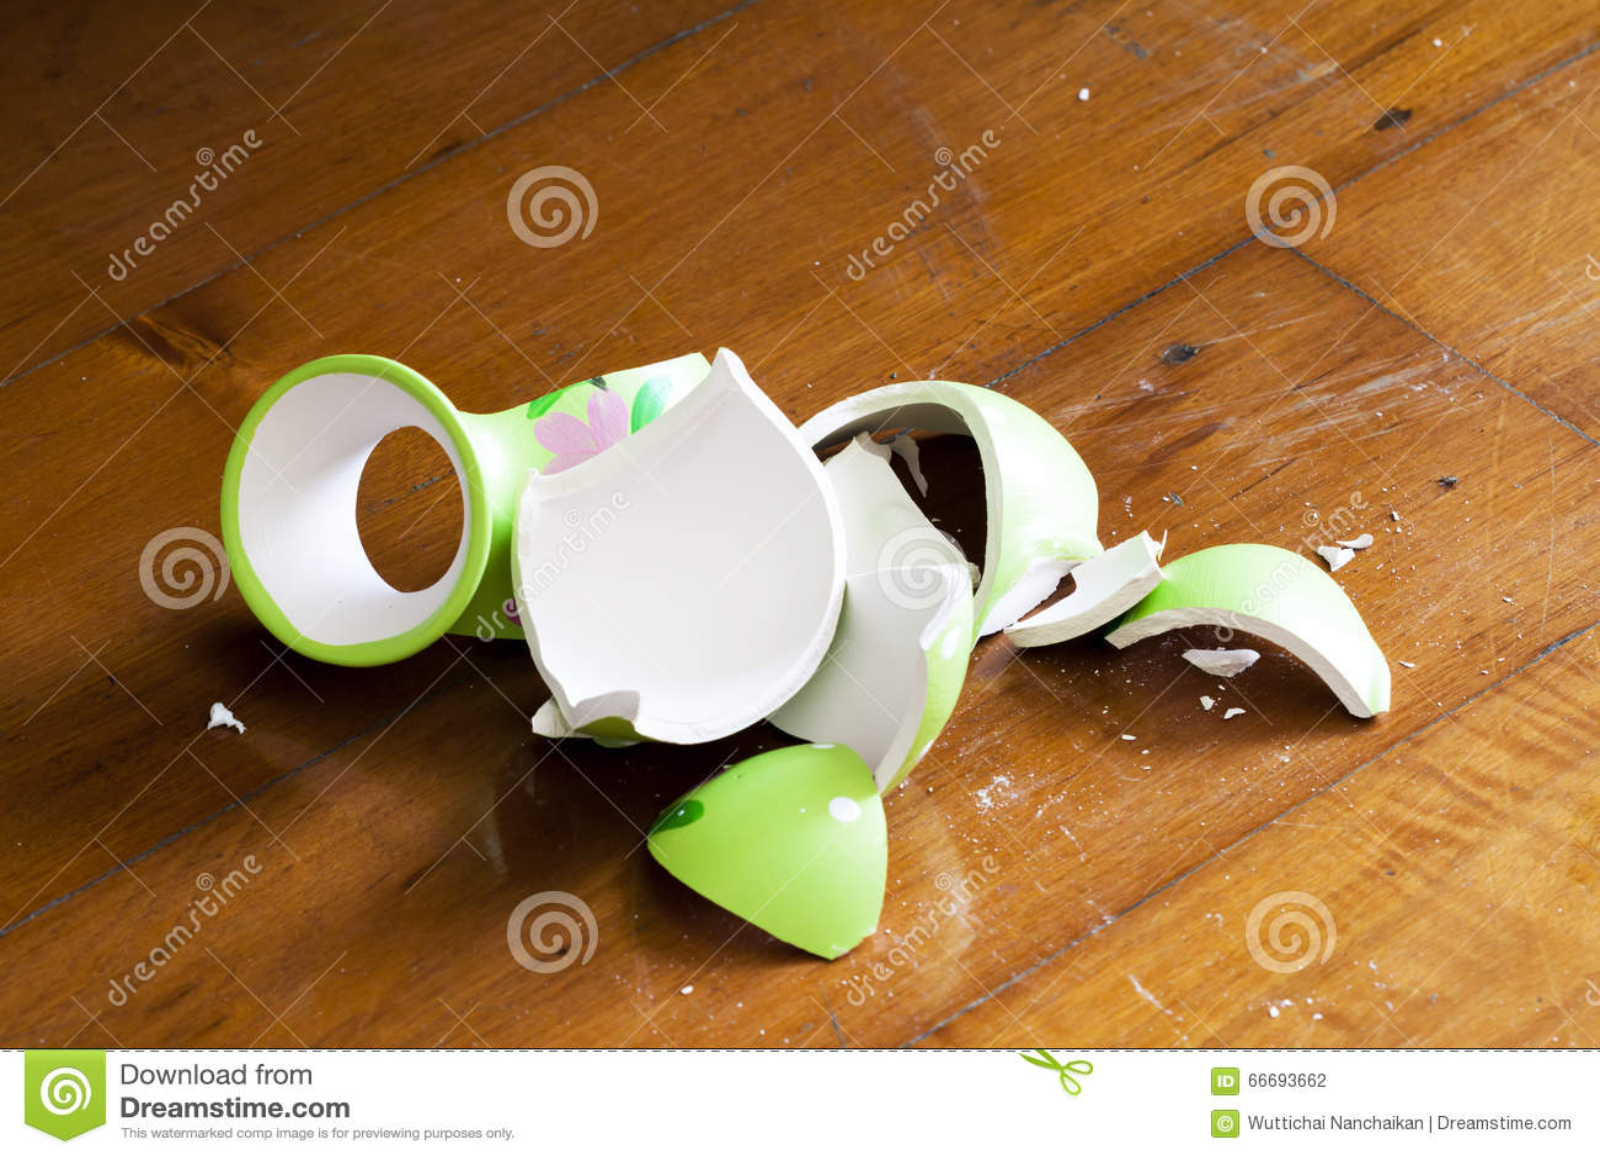 Broken Vase On Wooden Floor Stock Photo Image 66693662